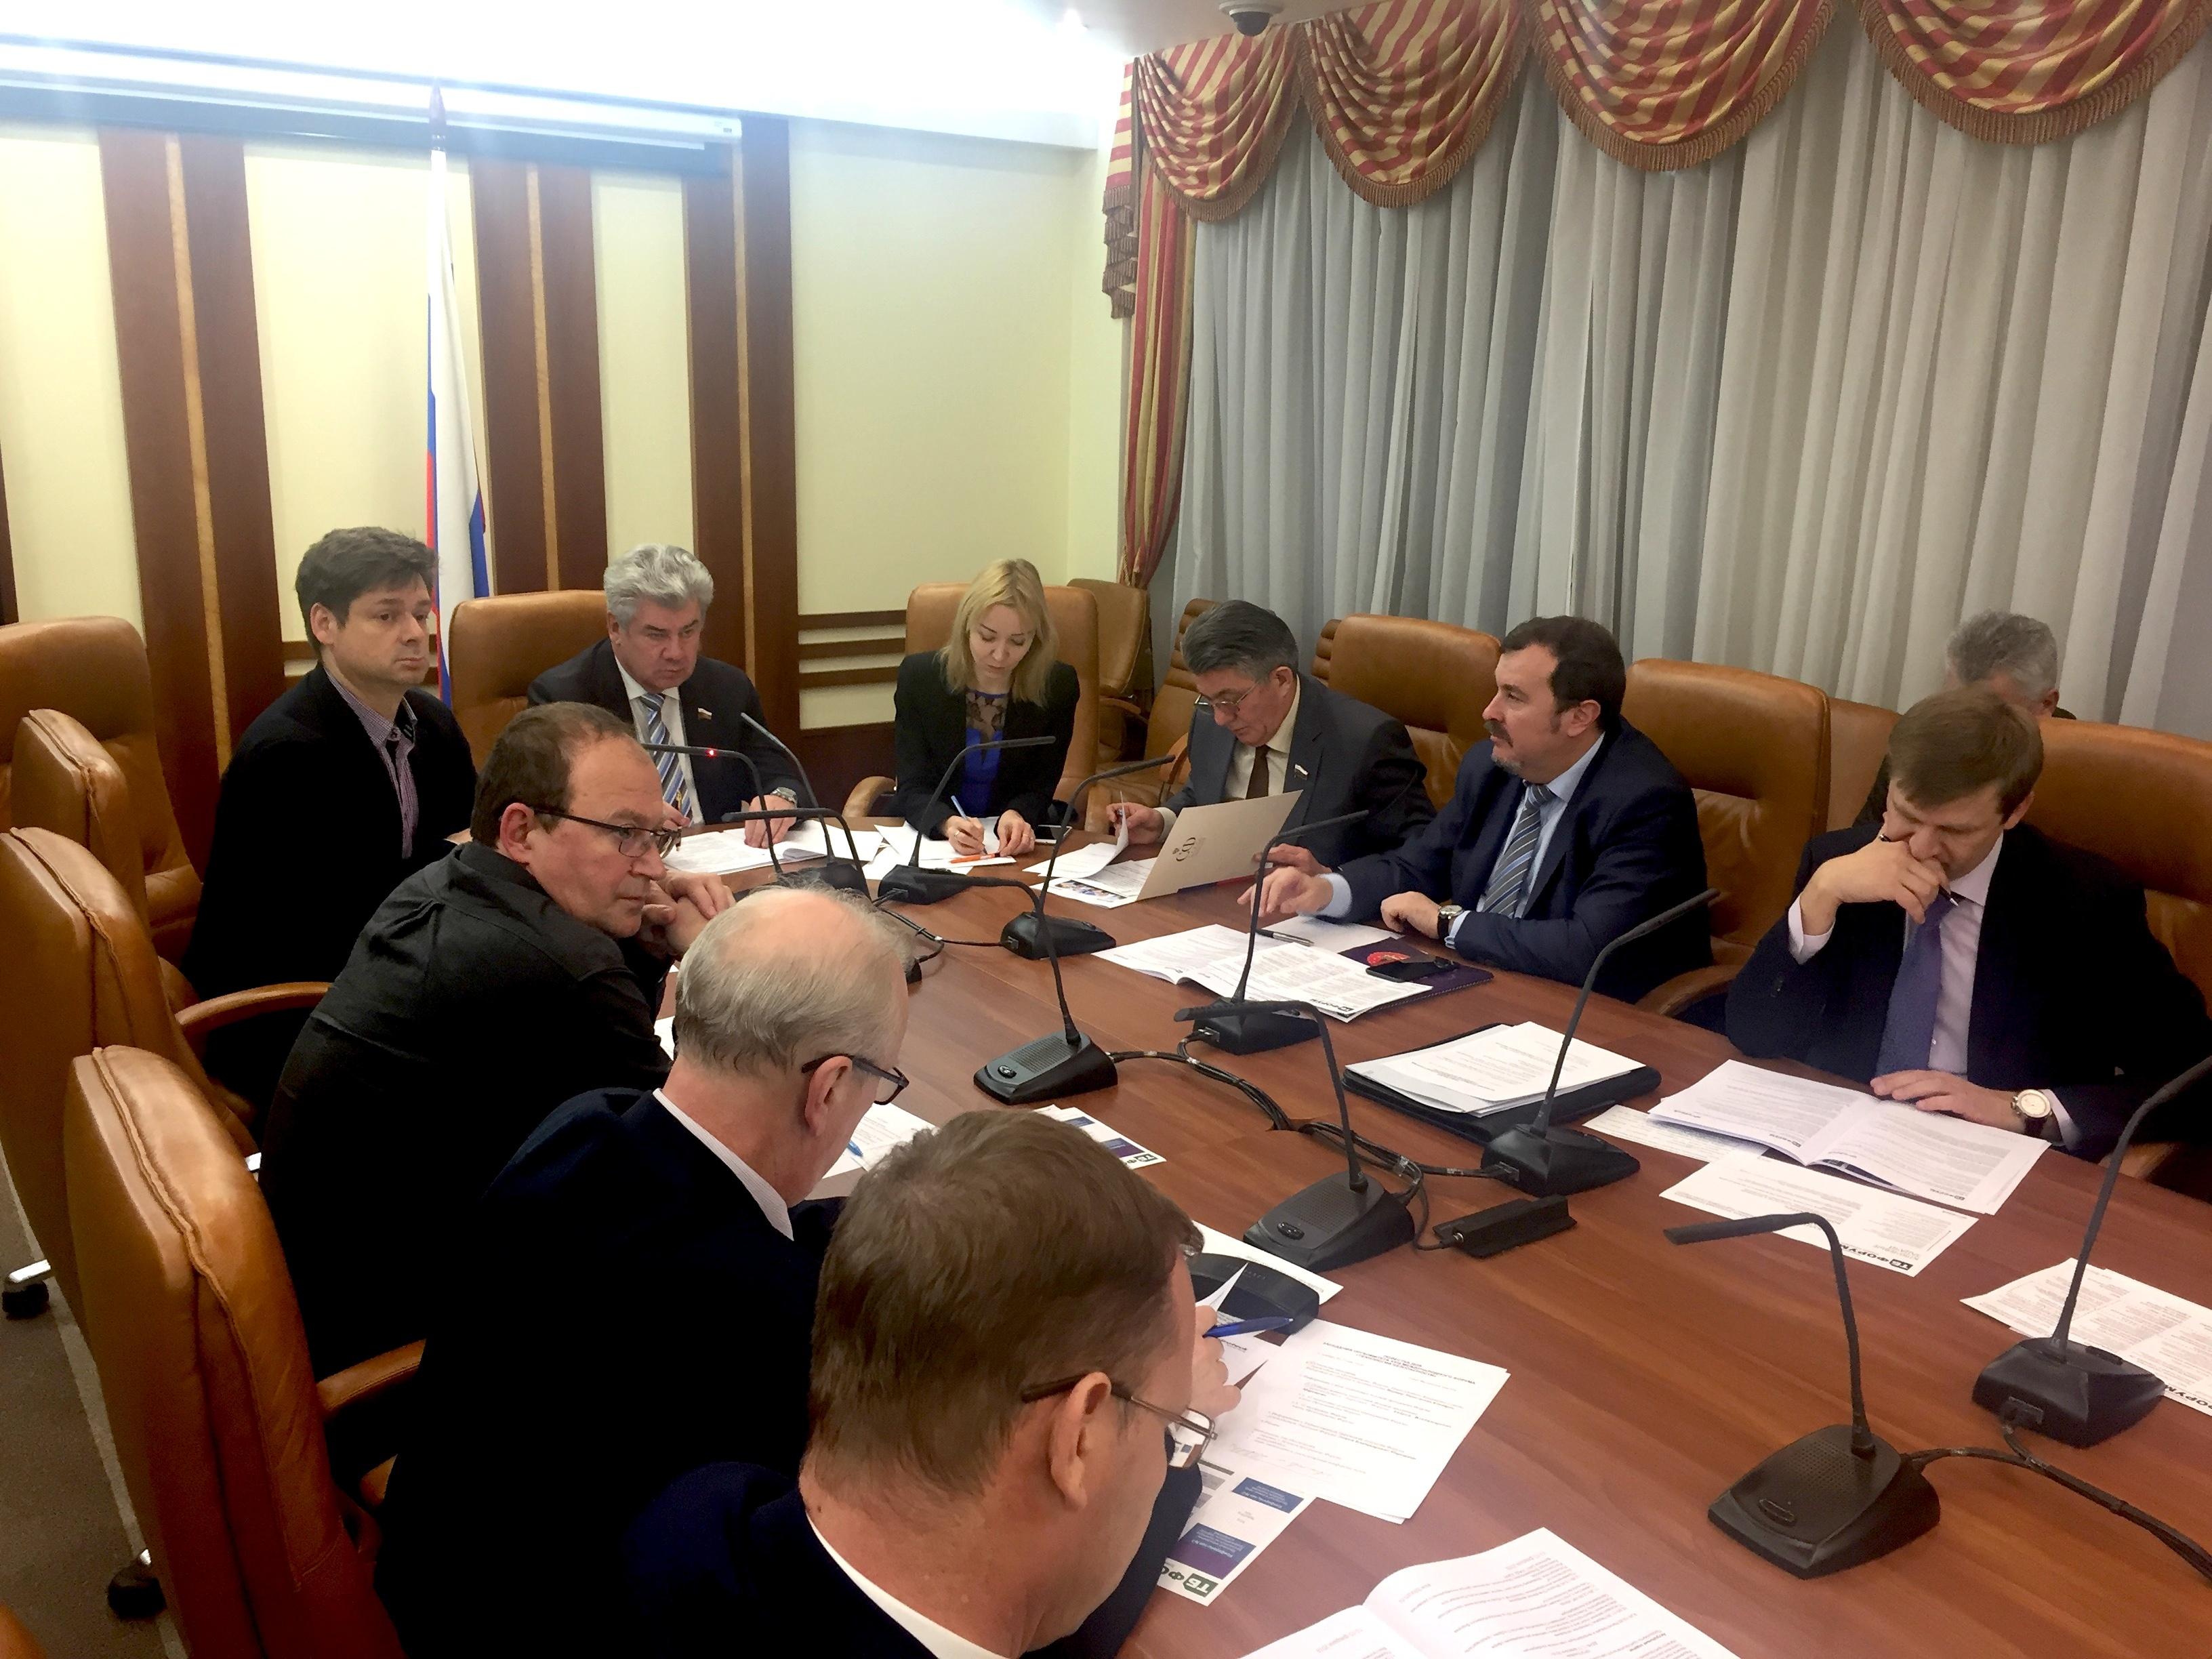 В Совете Федерации обсудили готовность 10 VIP-мероприятий деловой программы ТБ Форума 2018